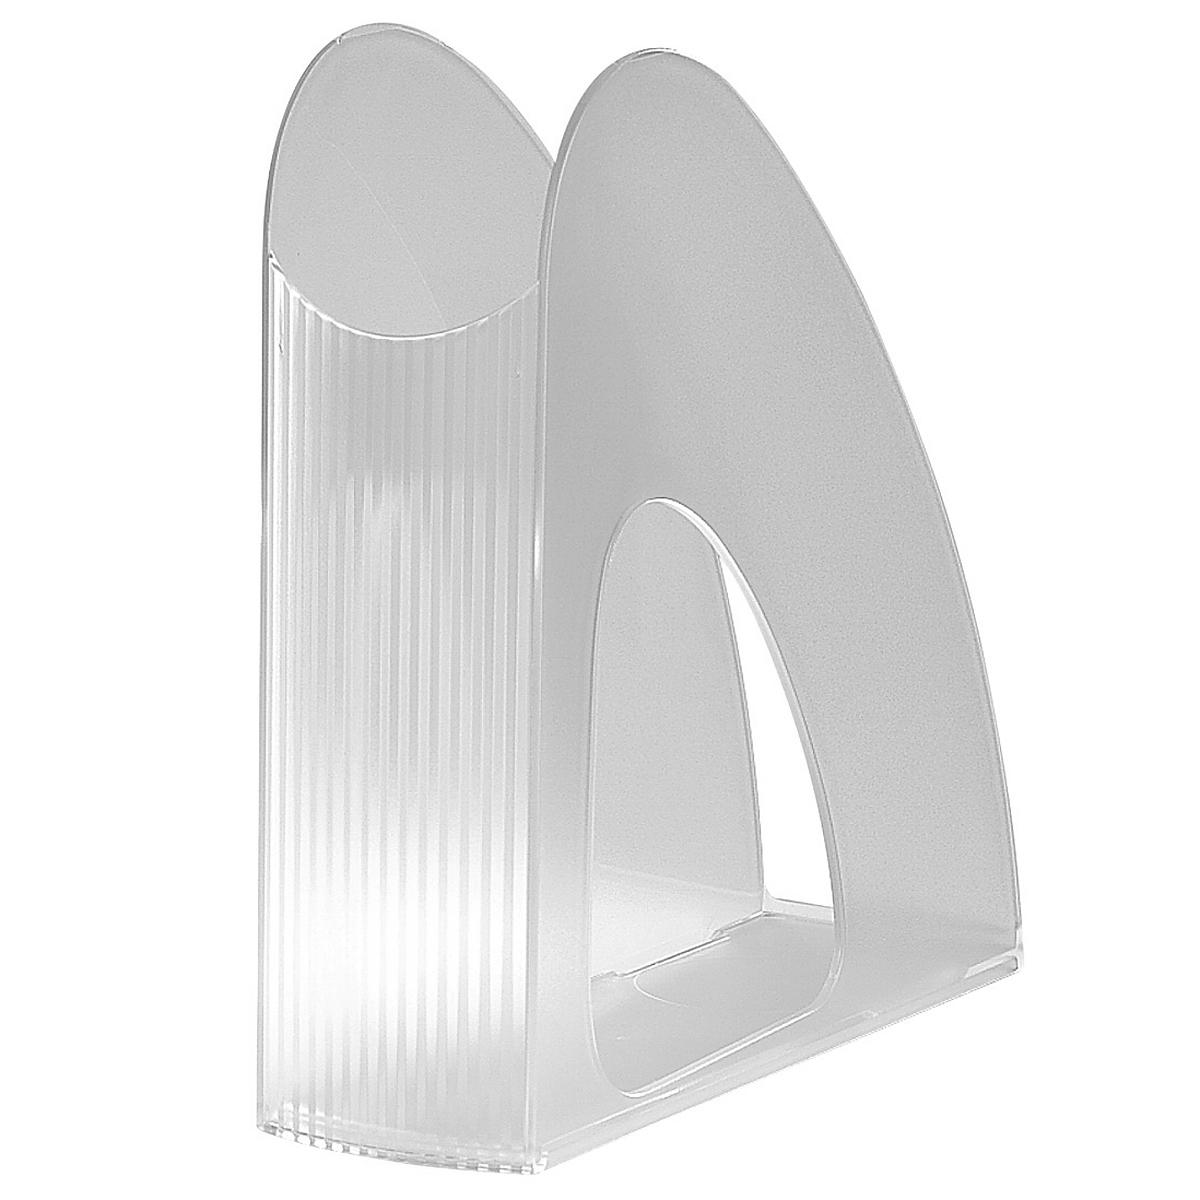 Лоток для бумаг вертикальный HAN Twin, прозрачный, цвет: белыйHA1020/221Вертикальный лоток для бумаг HAN Twin с оригинальным дизайном корпуса поможет вам навести порядок на столе и сэкономить пространство.Лоток изготовлен из высококачественного антистатического прозрачного пластика. Низкий передний порог облегчает изъятие документов из накопителя.Благодаря лотку для бумаг, важные бумаги и документы всегда будут под рукой.